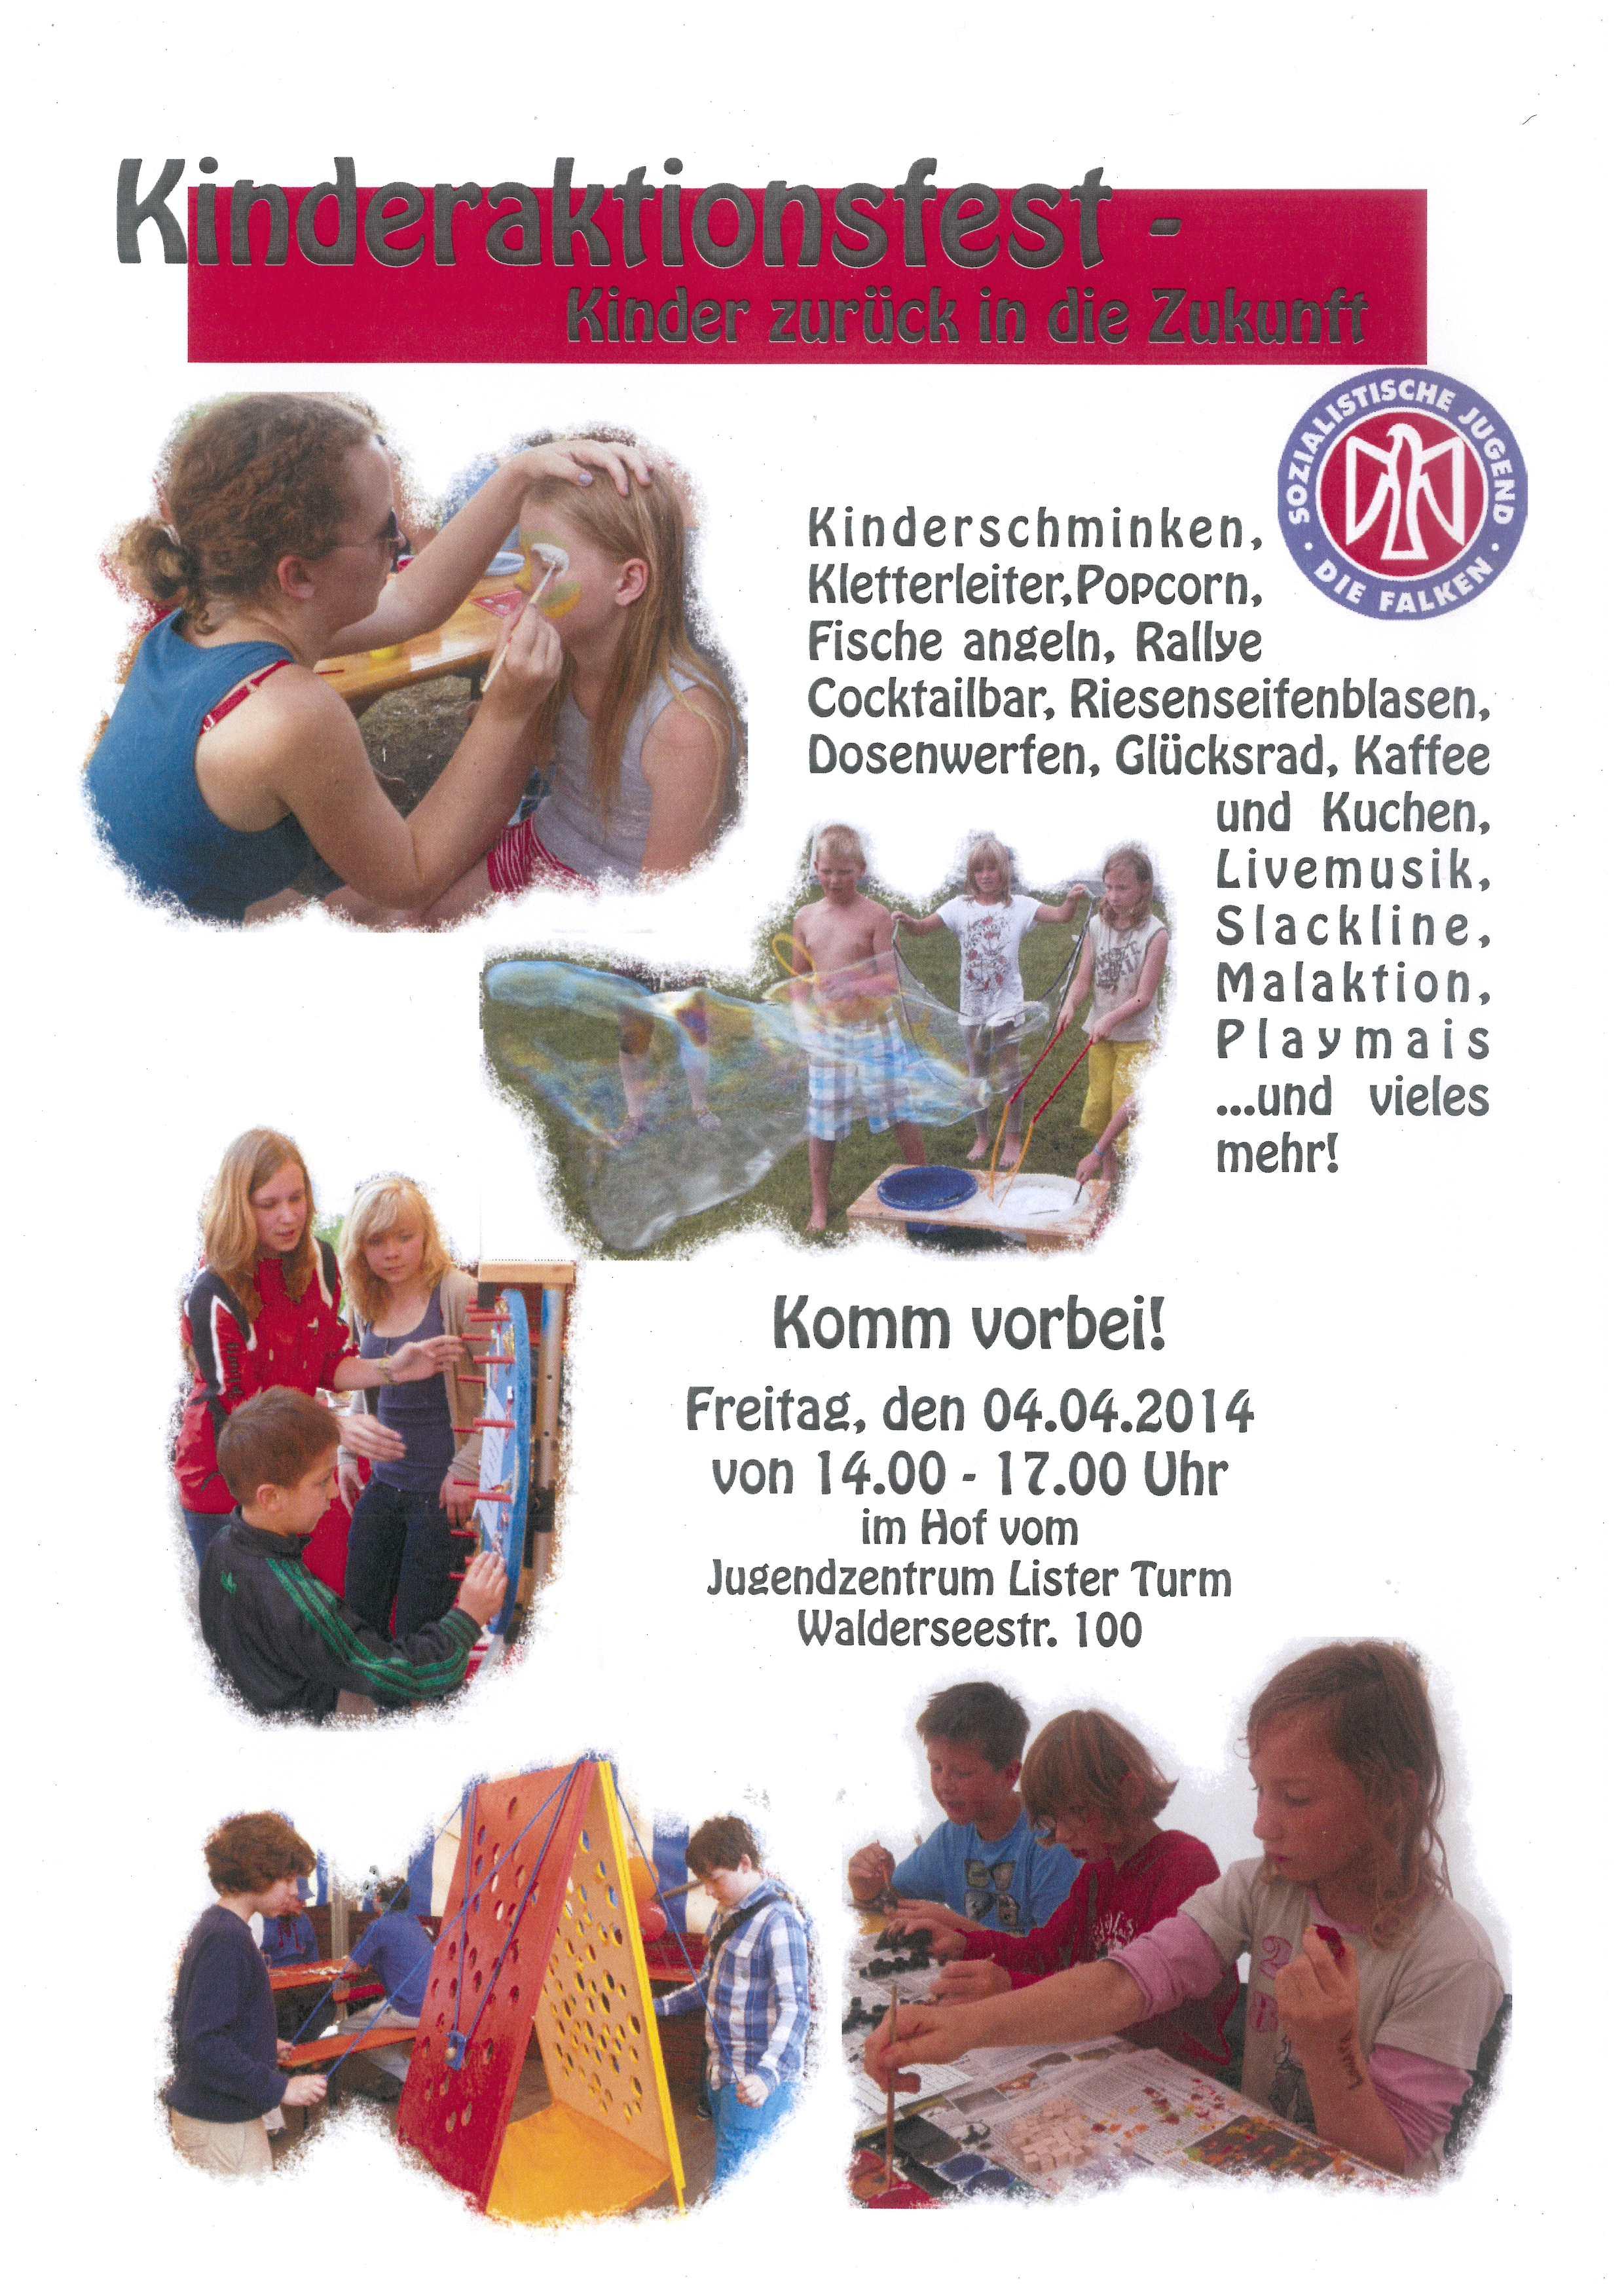 KinderfestAktionKampagne110